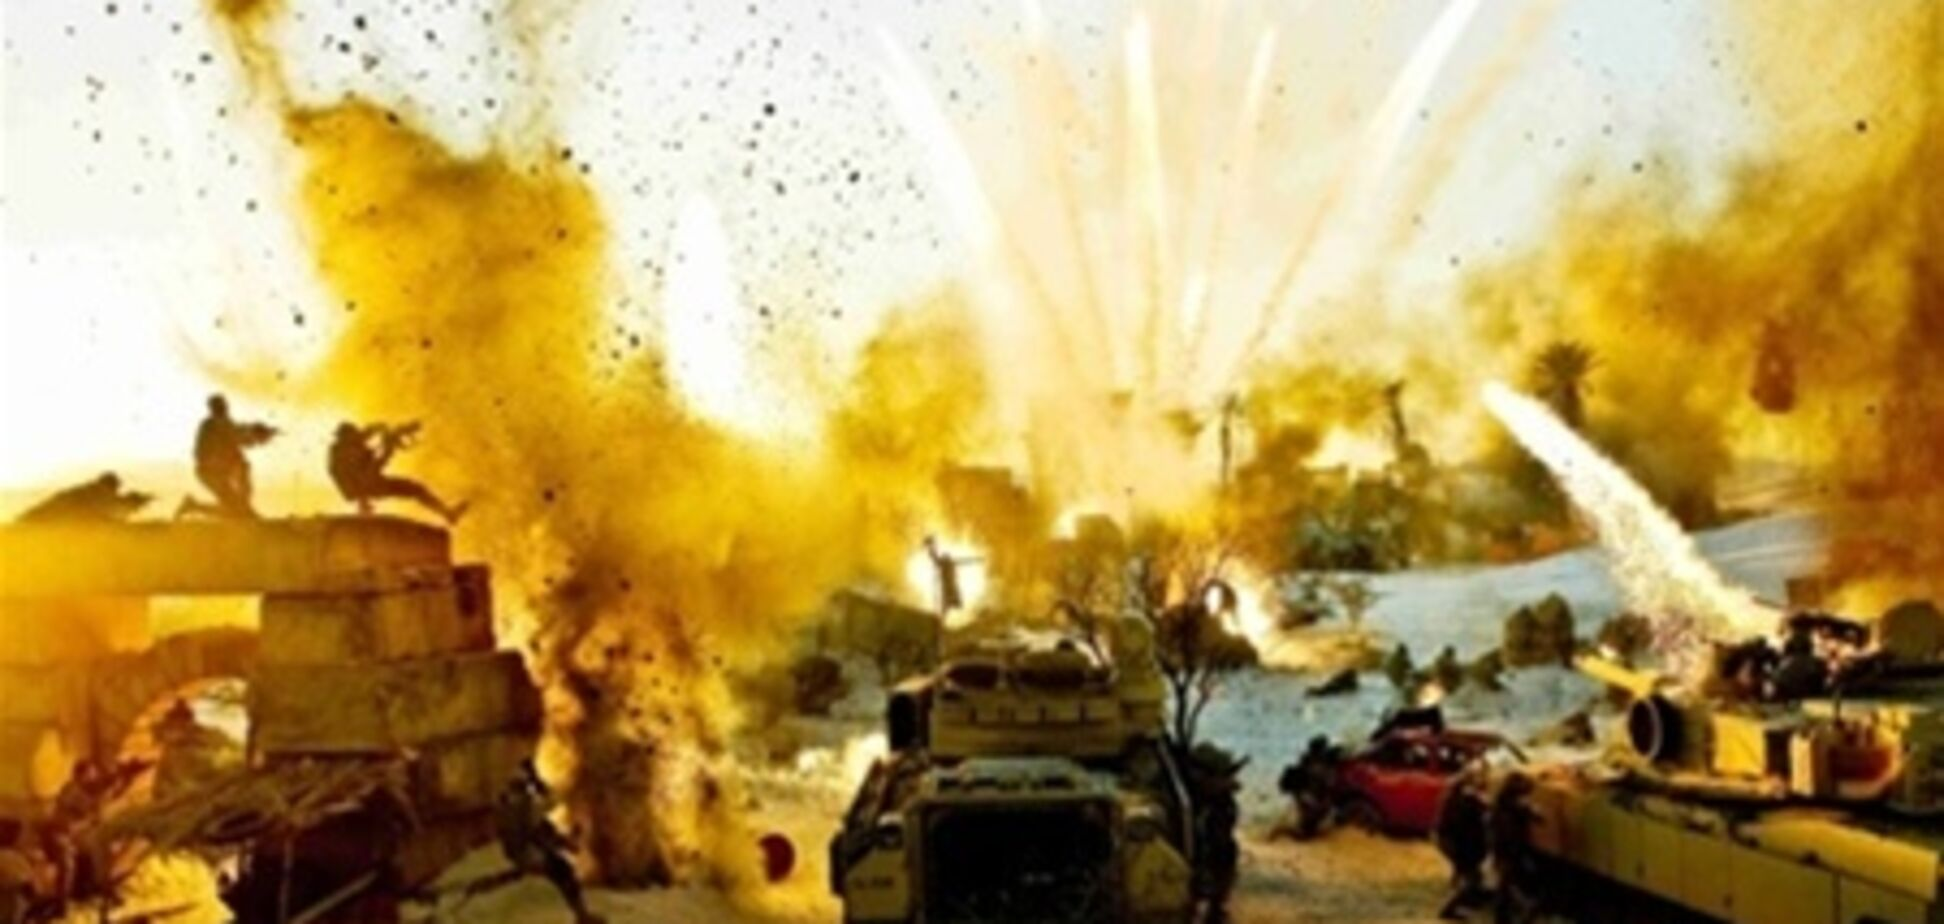 На съемках 'Трансформеров 4' произошел пожар